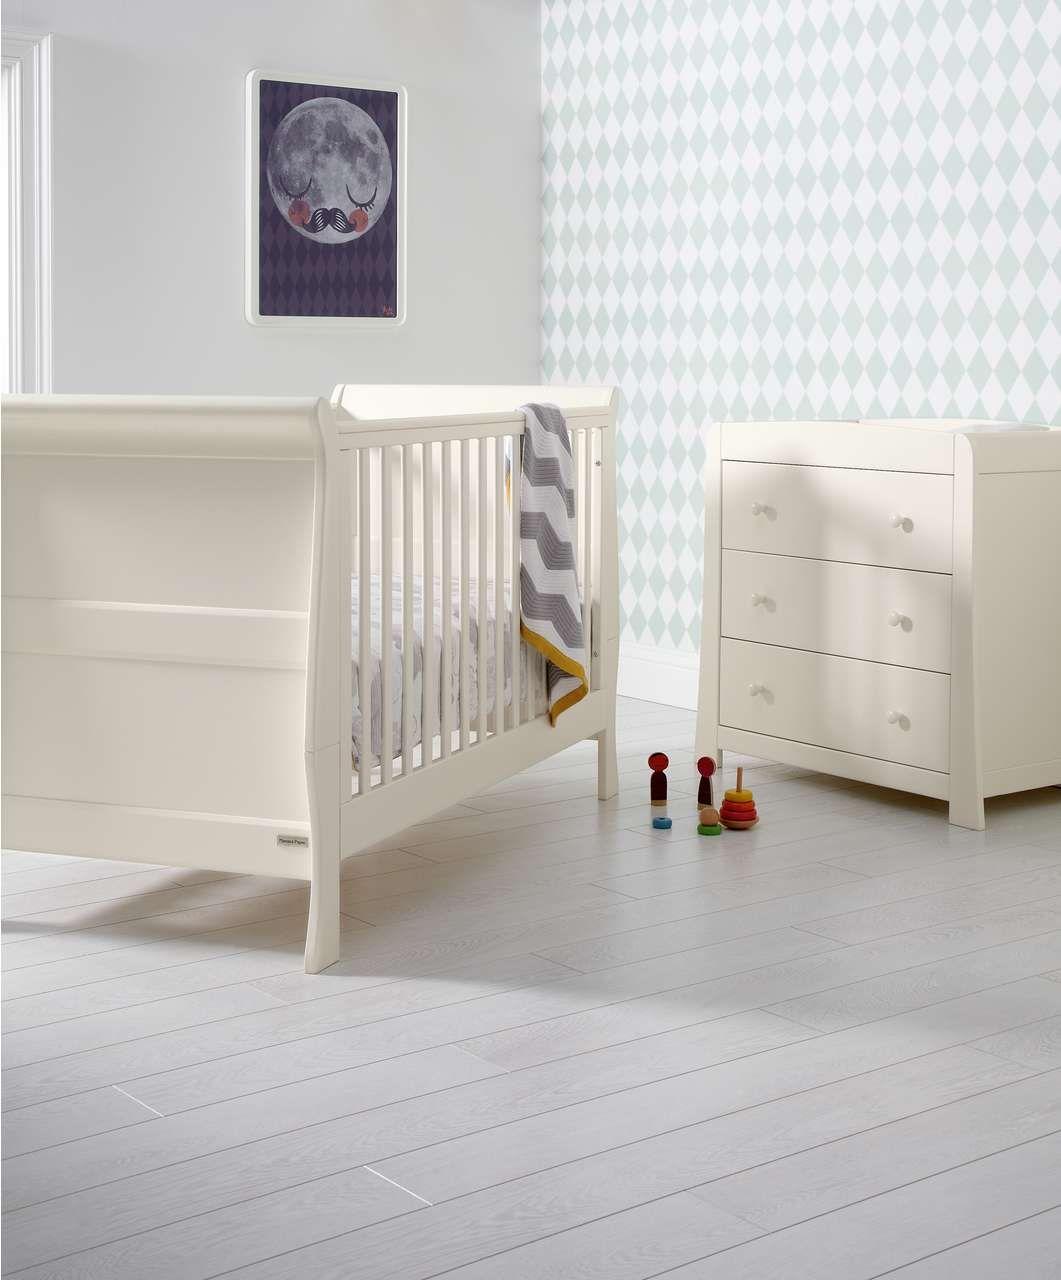 Mamas And Papas Bedroom Furniture Mia 2 Piece Set Ivory Mia Mamas Papas Baby Room Ideas